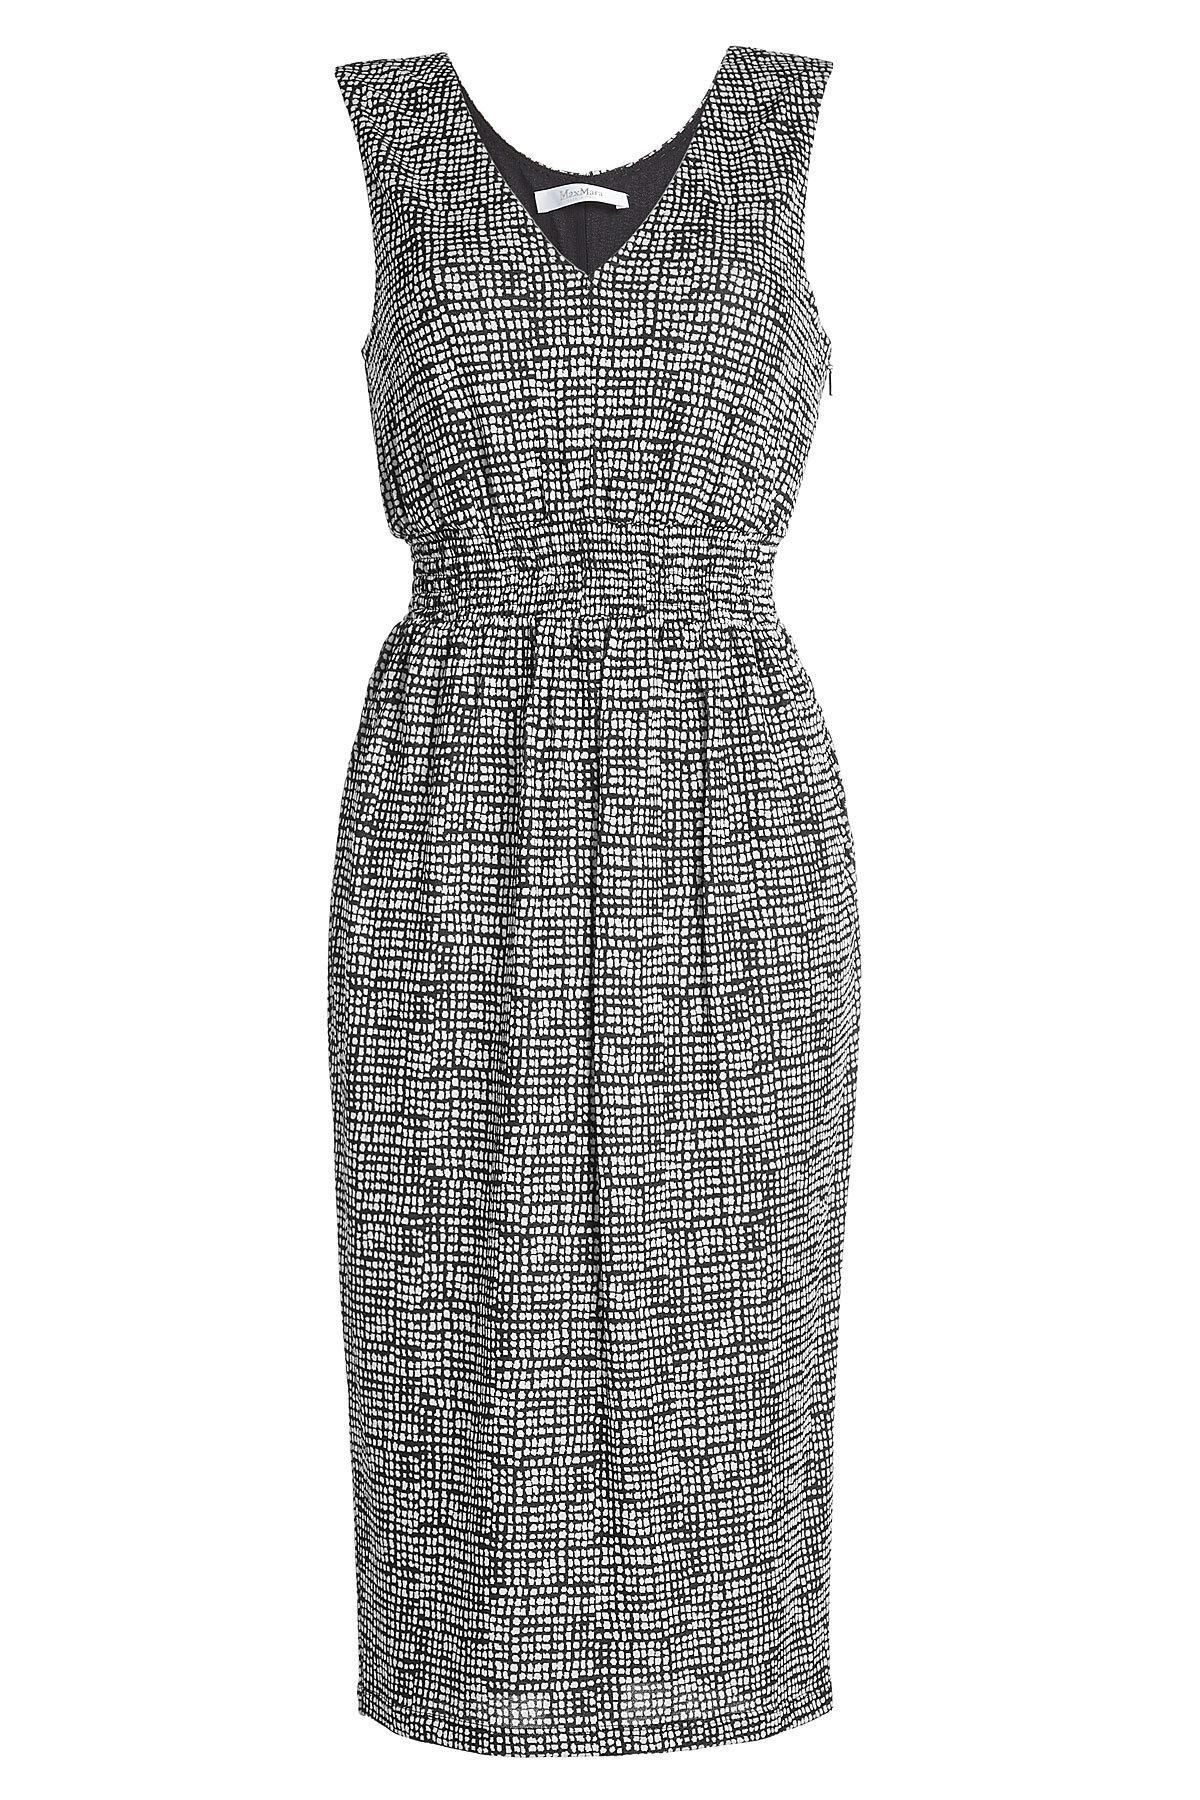 Max Mara Printed Dress In Black